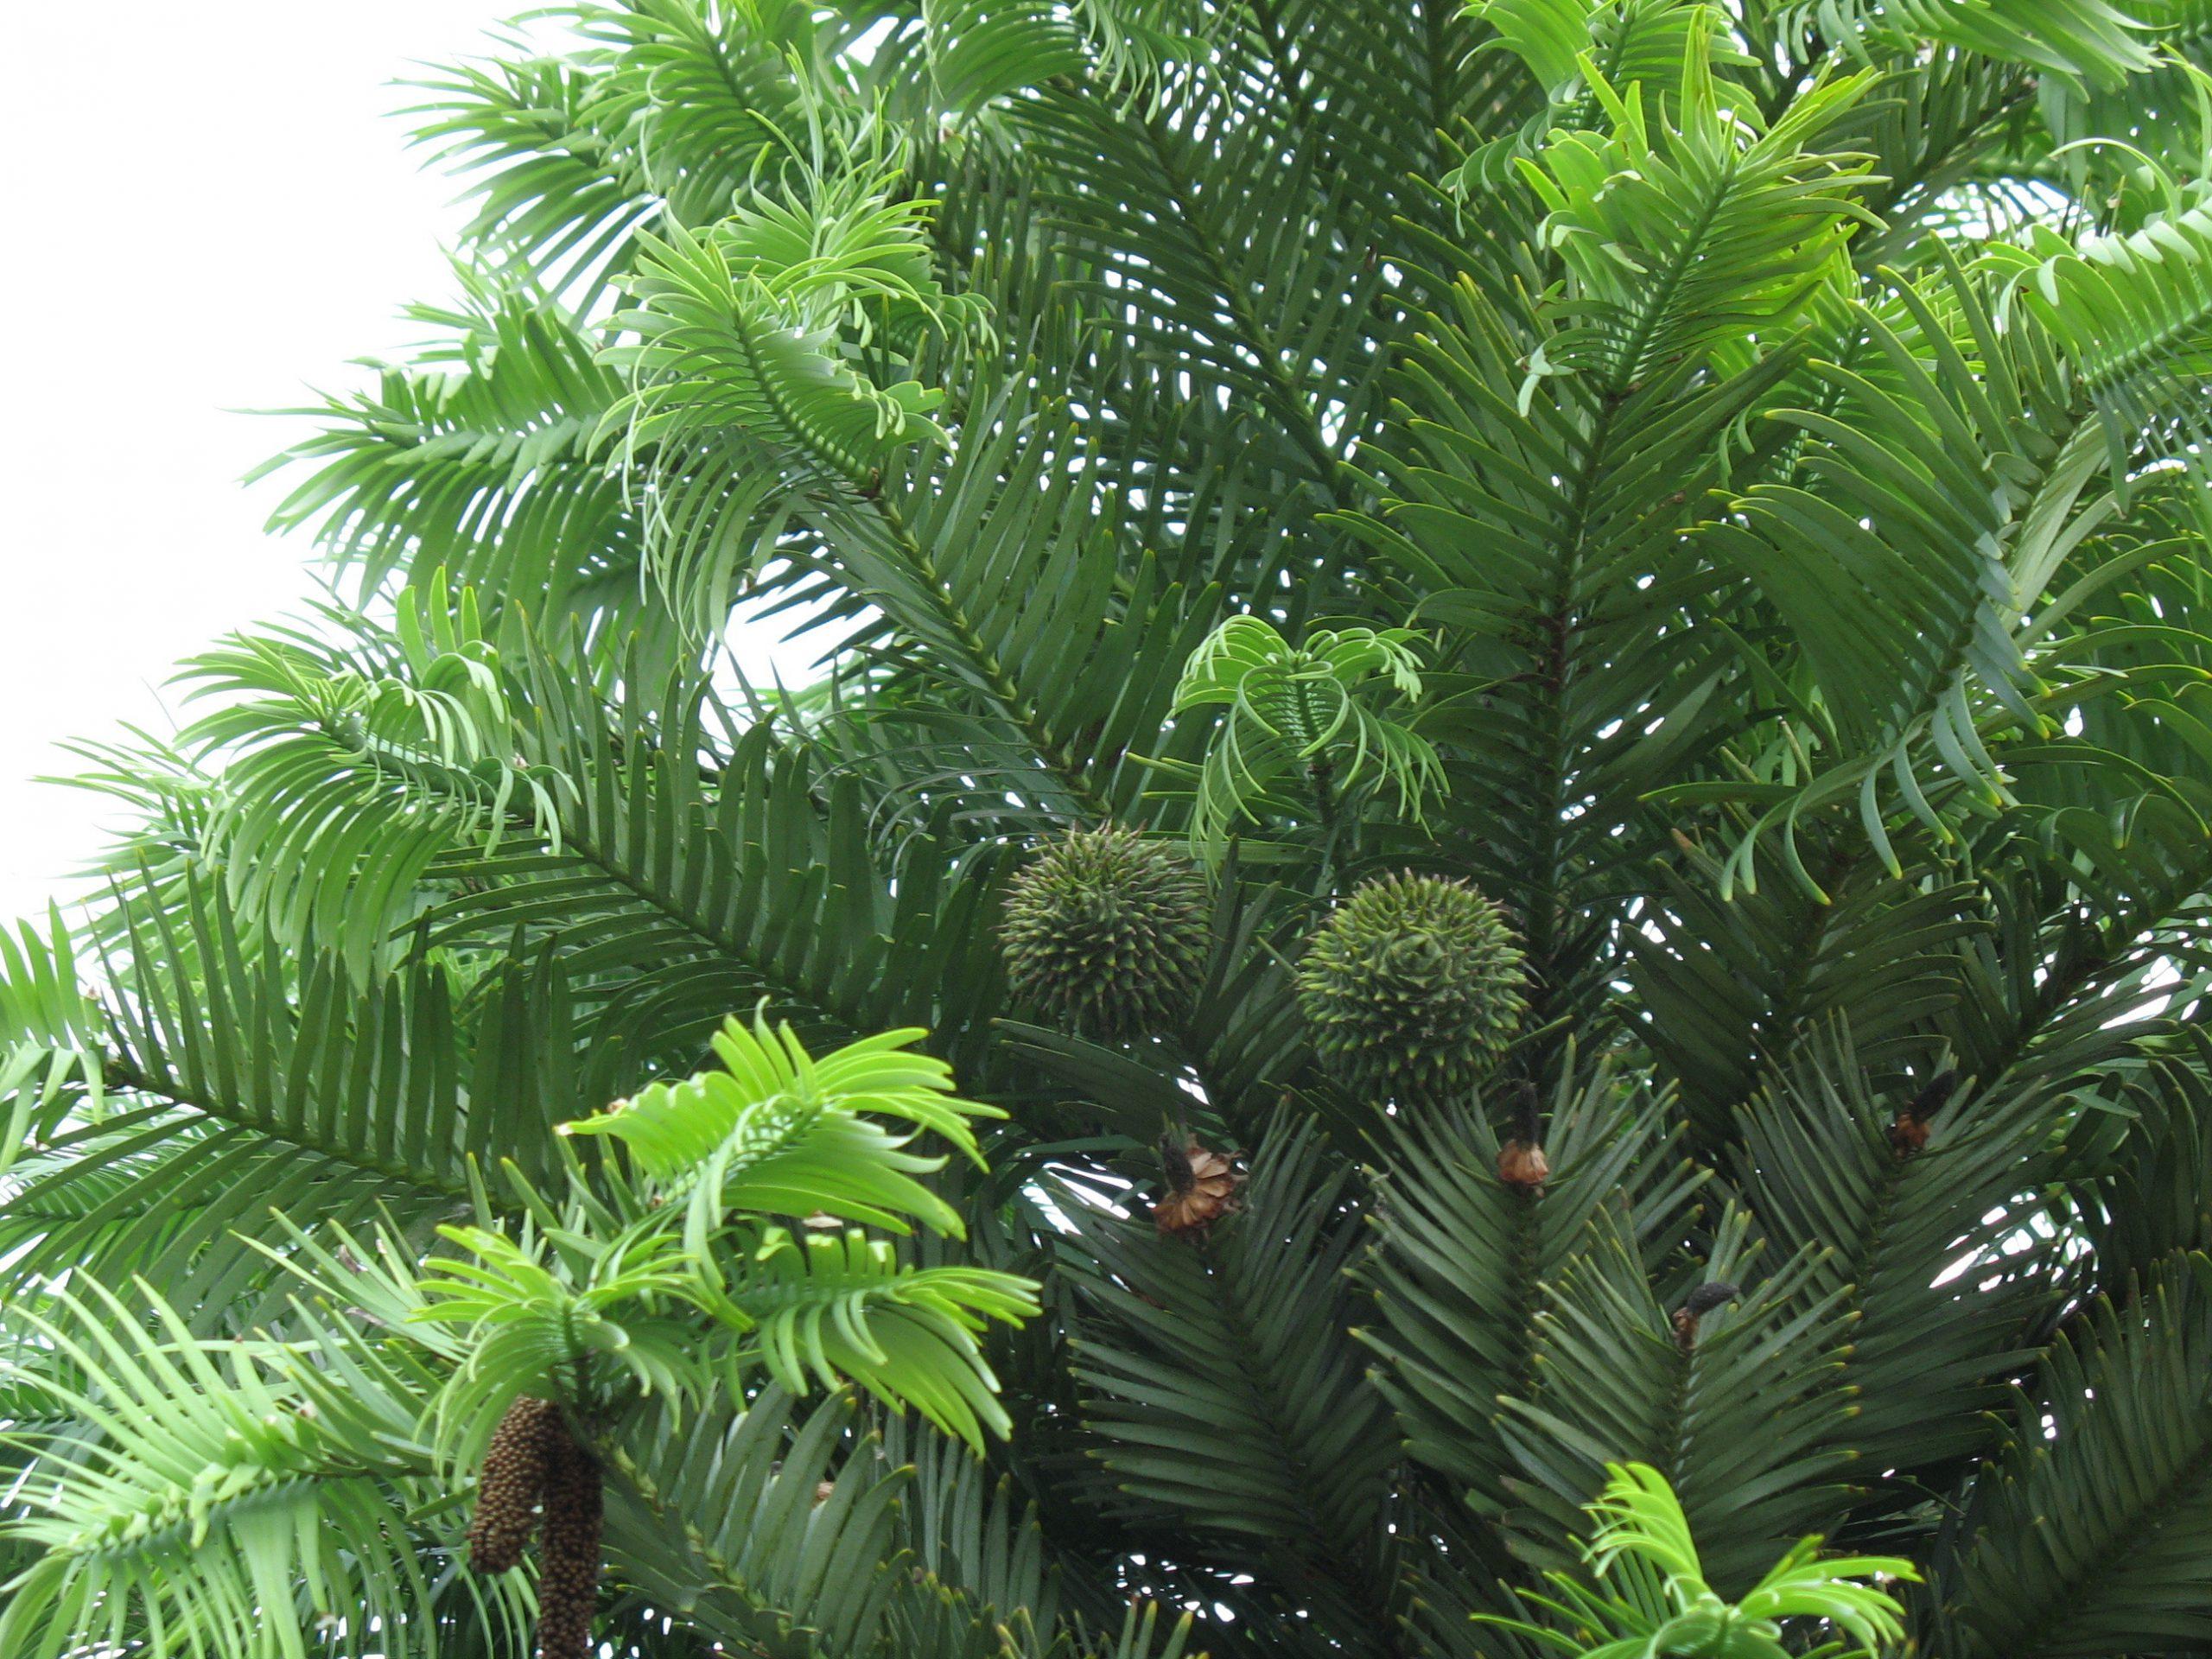 De Wollemi pine (Wollemia nobilis)